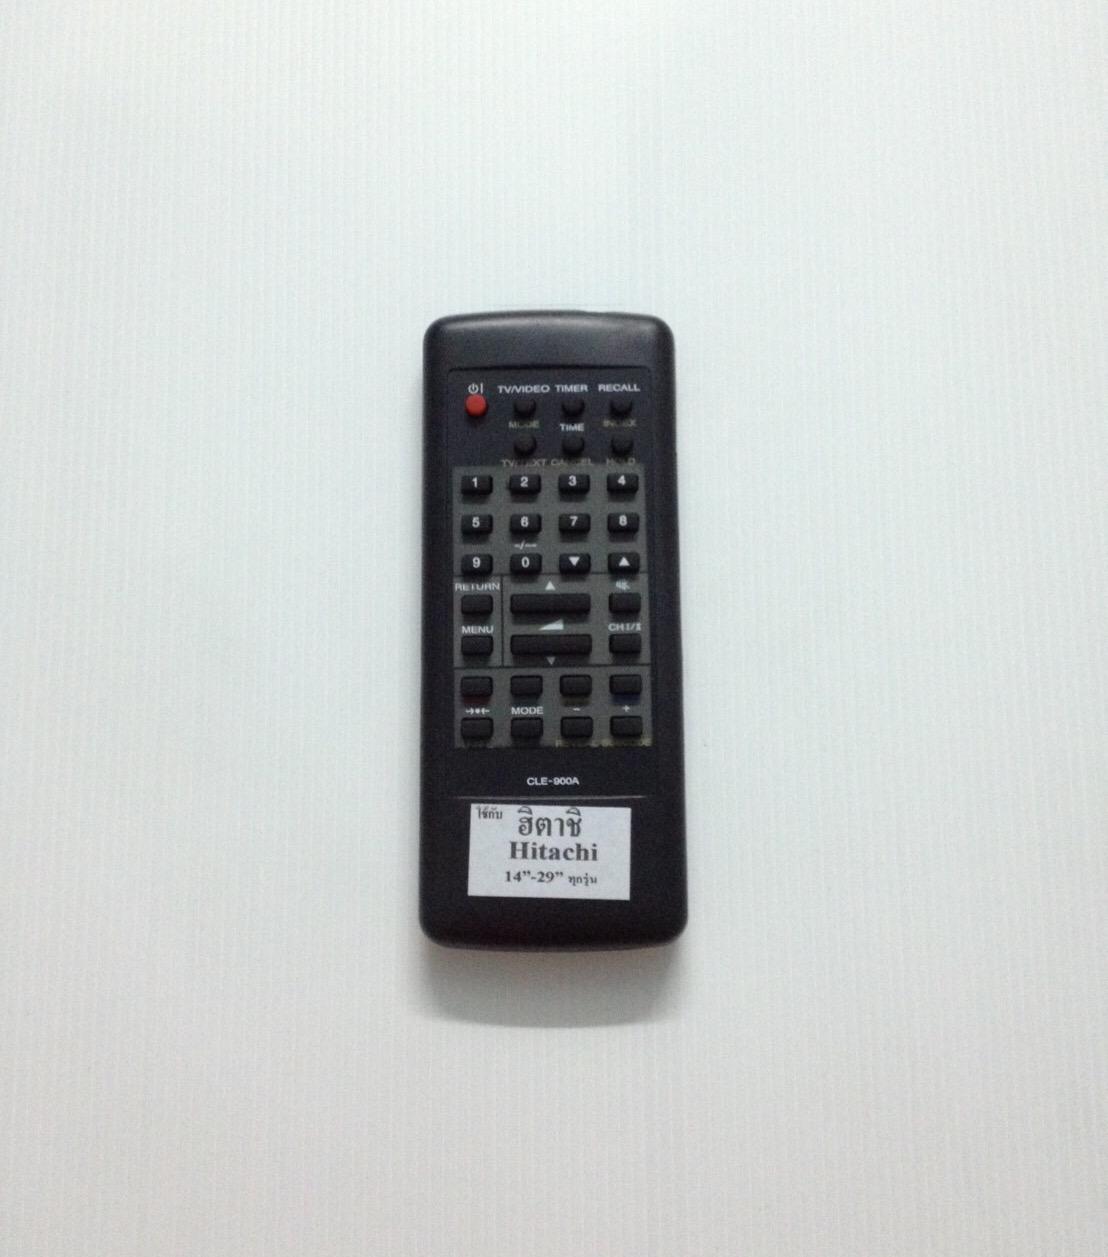 รีโมททีวีฮิตาชิ จอธรรมดา Hitachi CLE-900A